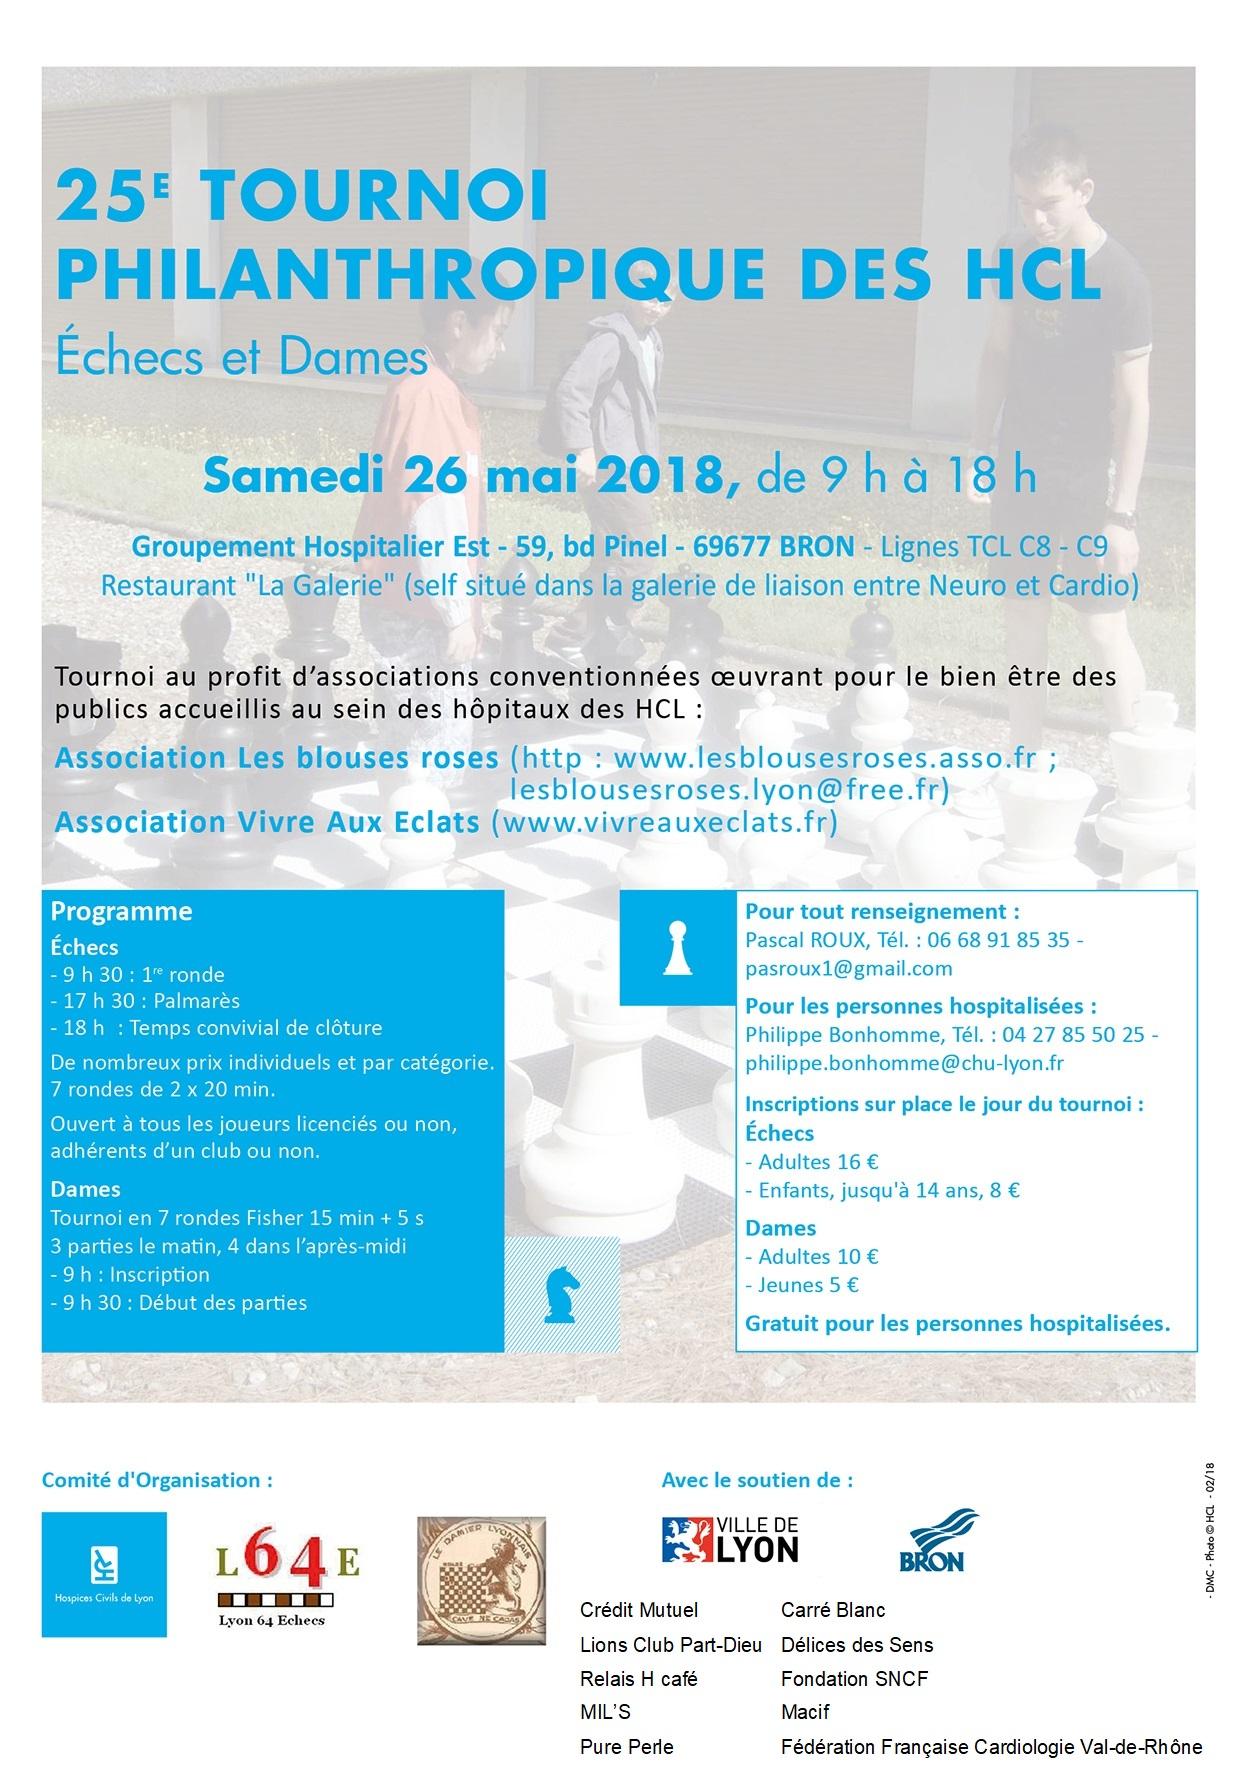 Tournoi des Hôpitaux, Echecs et Dames , fêtera sa25èmeédition, samedi 26 mai 2018